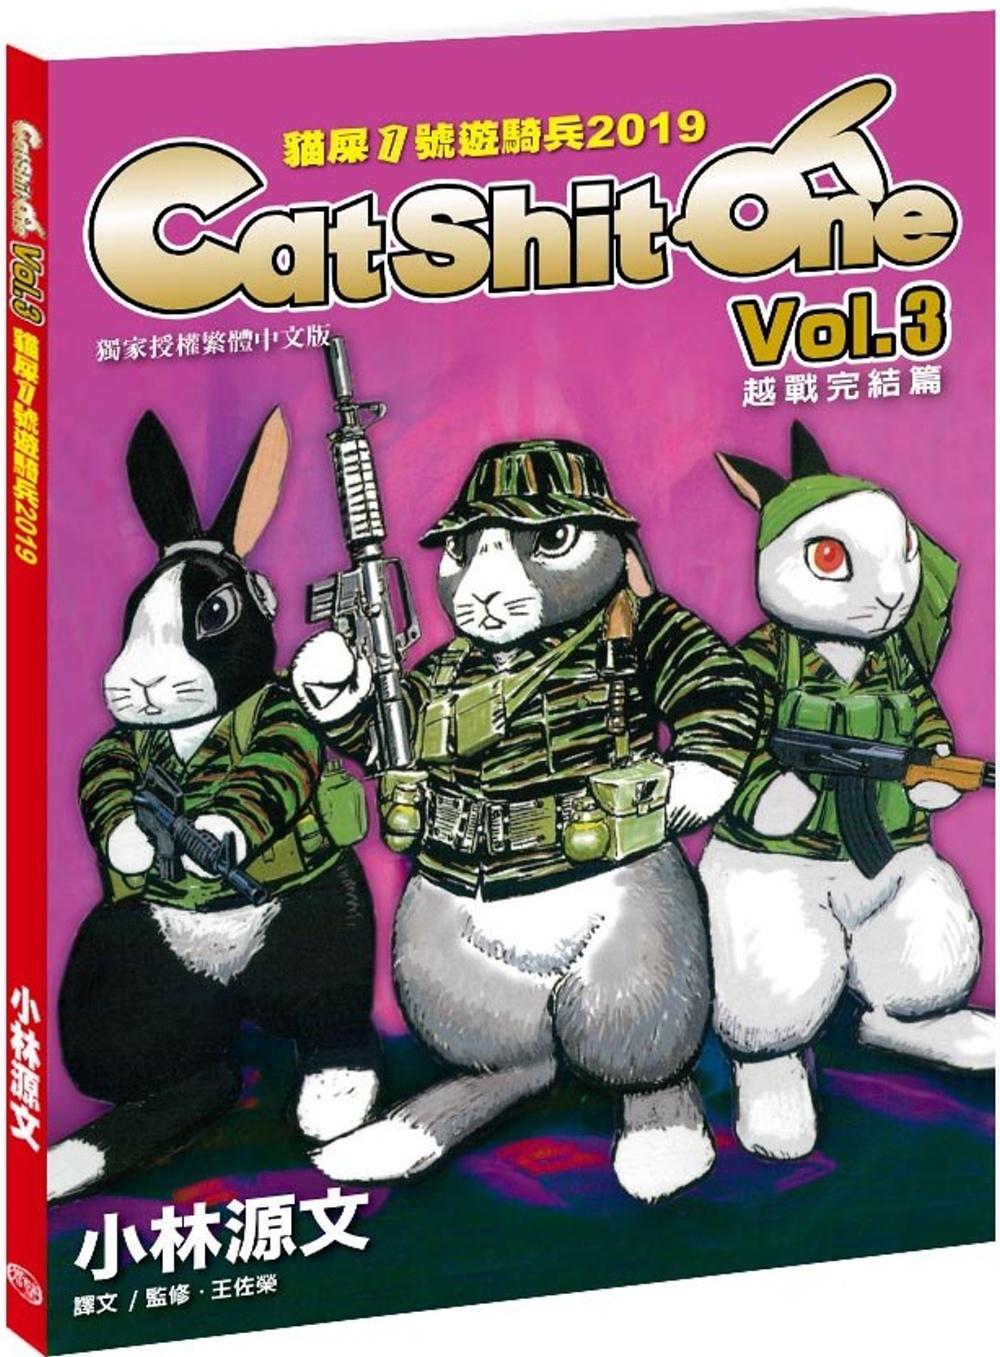 貓屎1號遊騎兵2019 Cat Shit One VOL.3越戰完结篇(A4大開本)